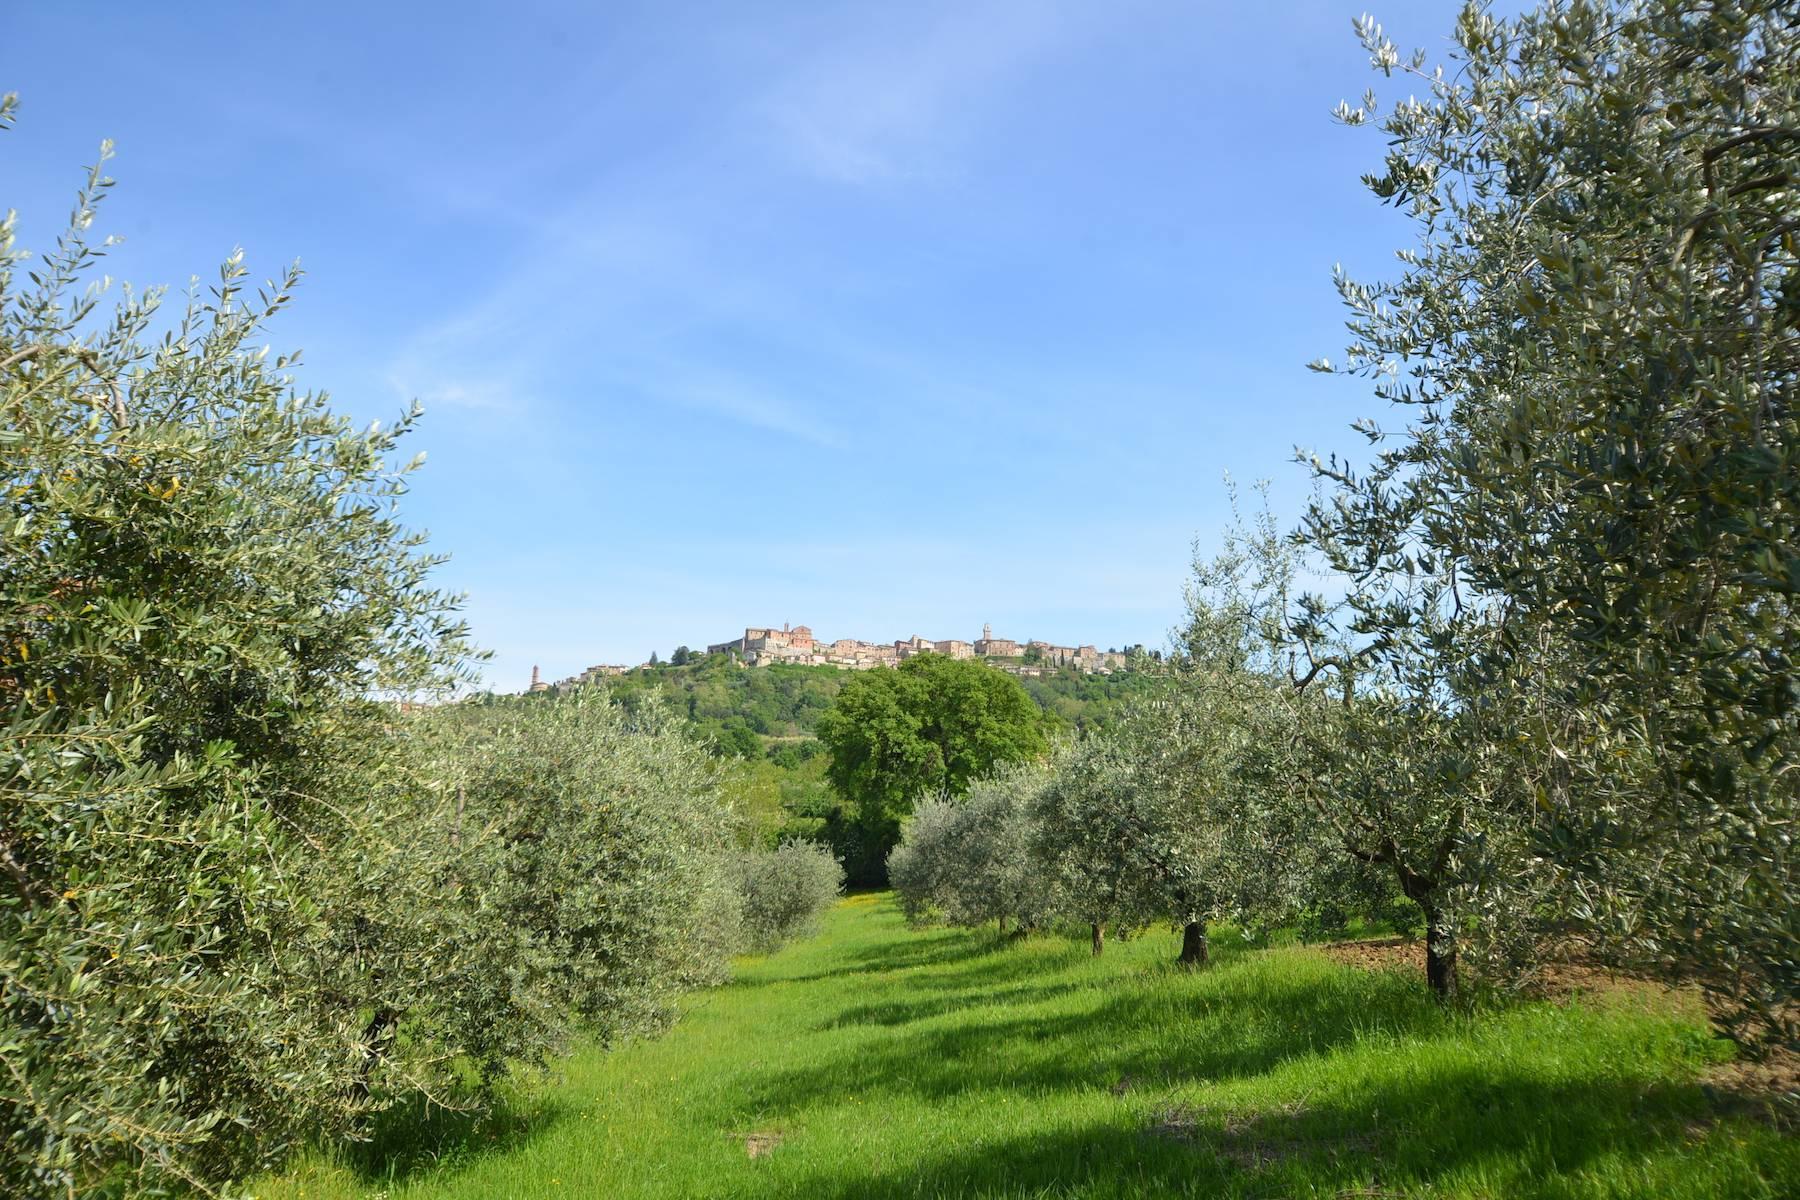 Casale con agriturismo e vigneto a pochi passi da Montepulciano - 13